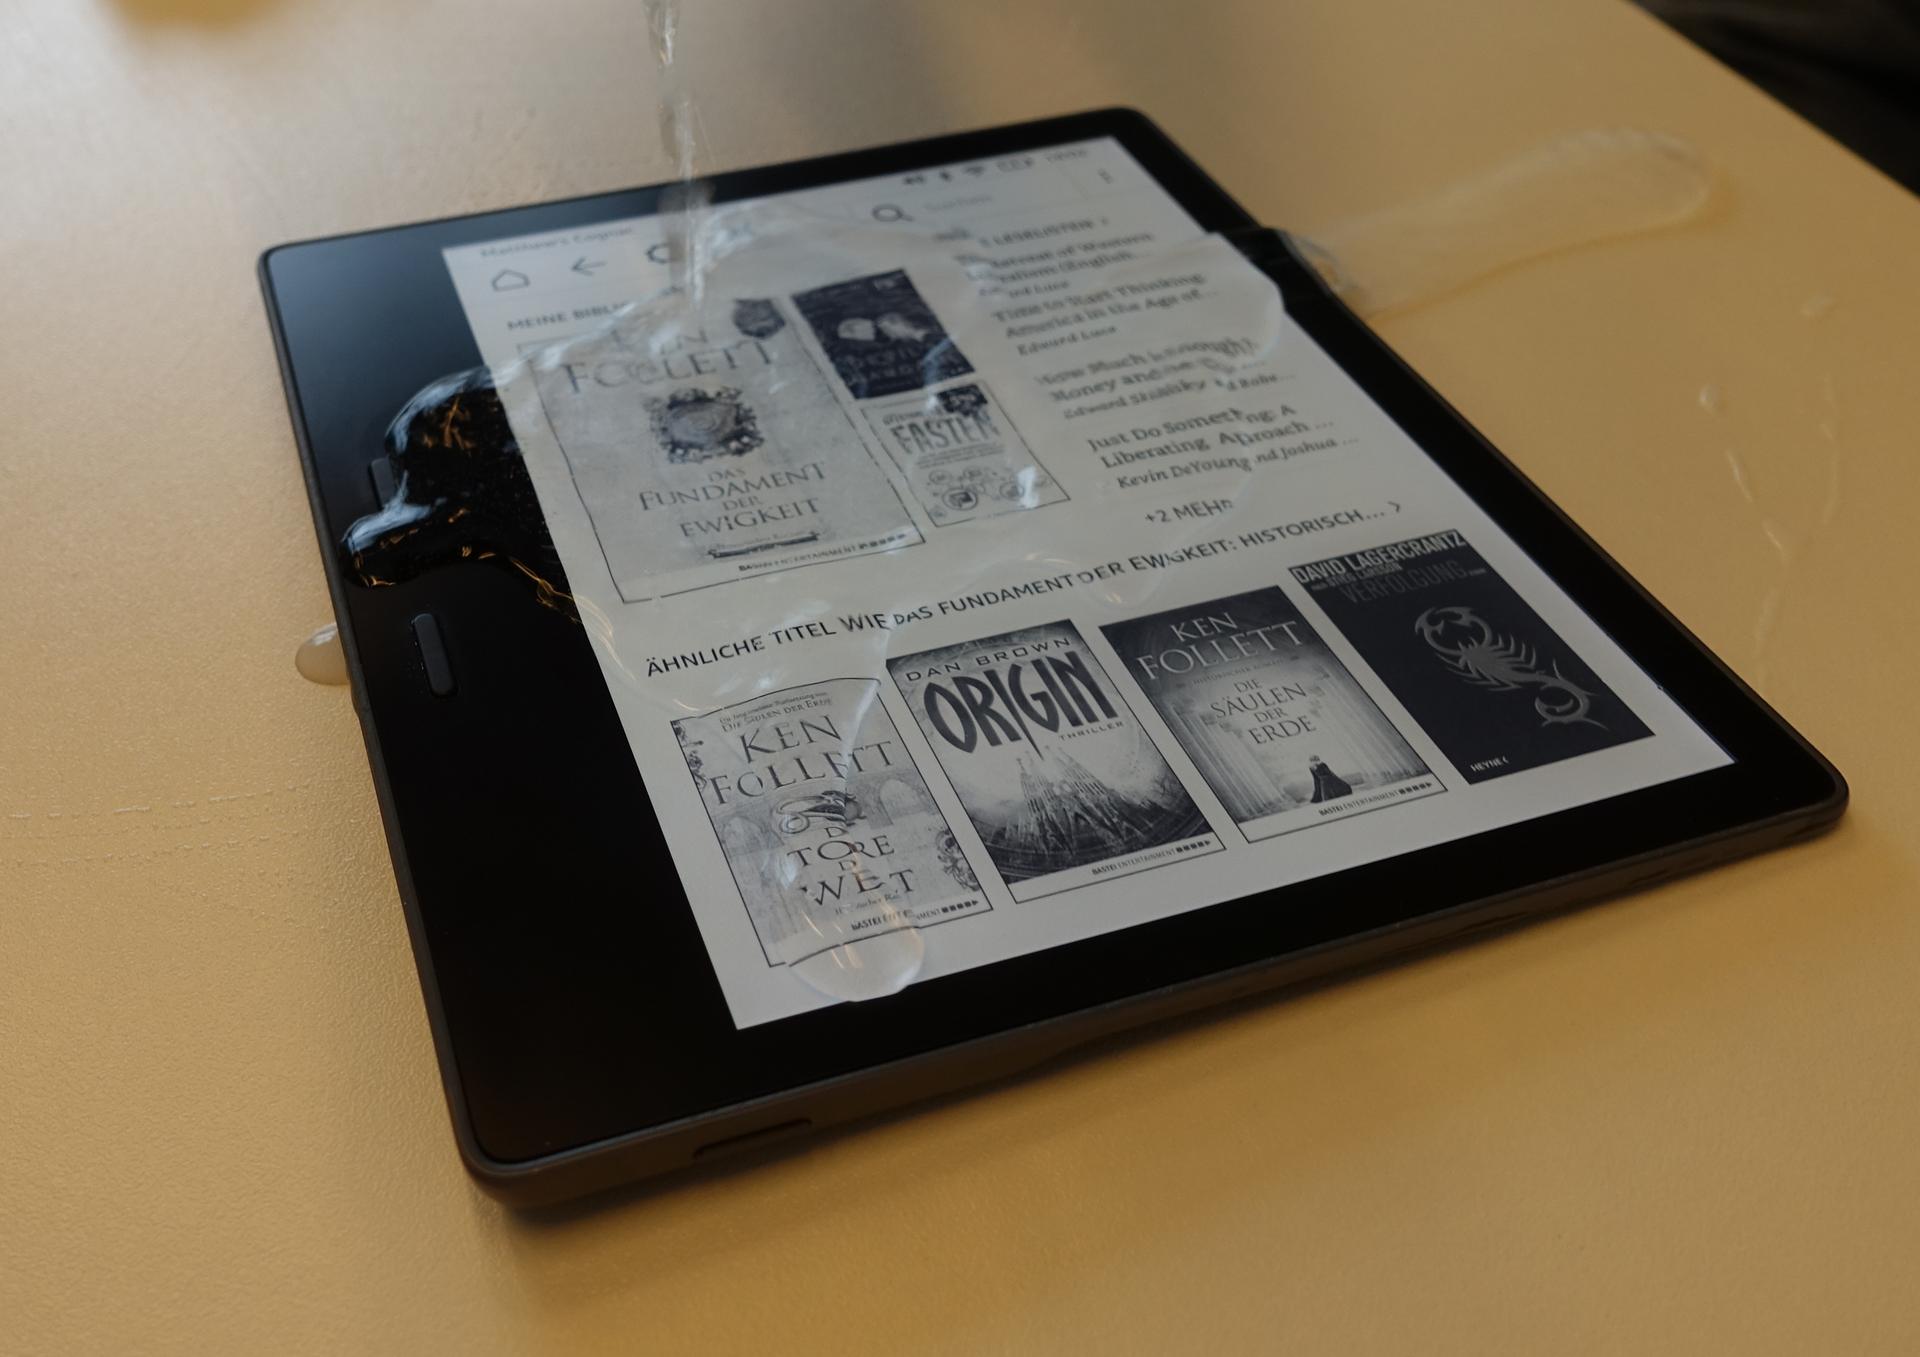 Neuer Kindle Oasis im Hands on: Amazons großer E-Book-Reader ist wasserdicht - Der neue Kindle Oasis ist wasserdicht. (Bild: Ingo Pakalski/Golem.de)